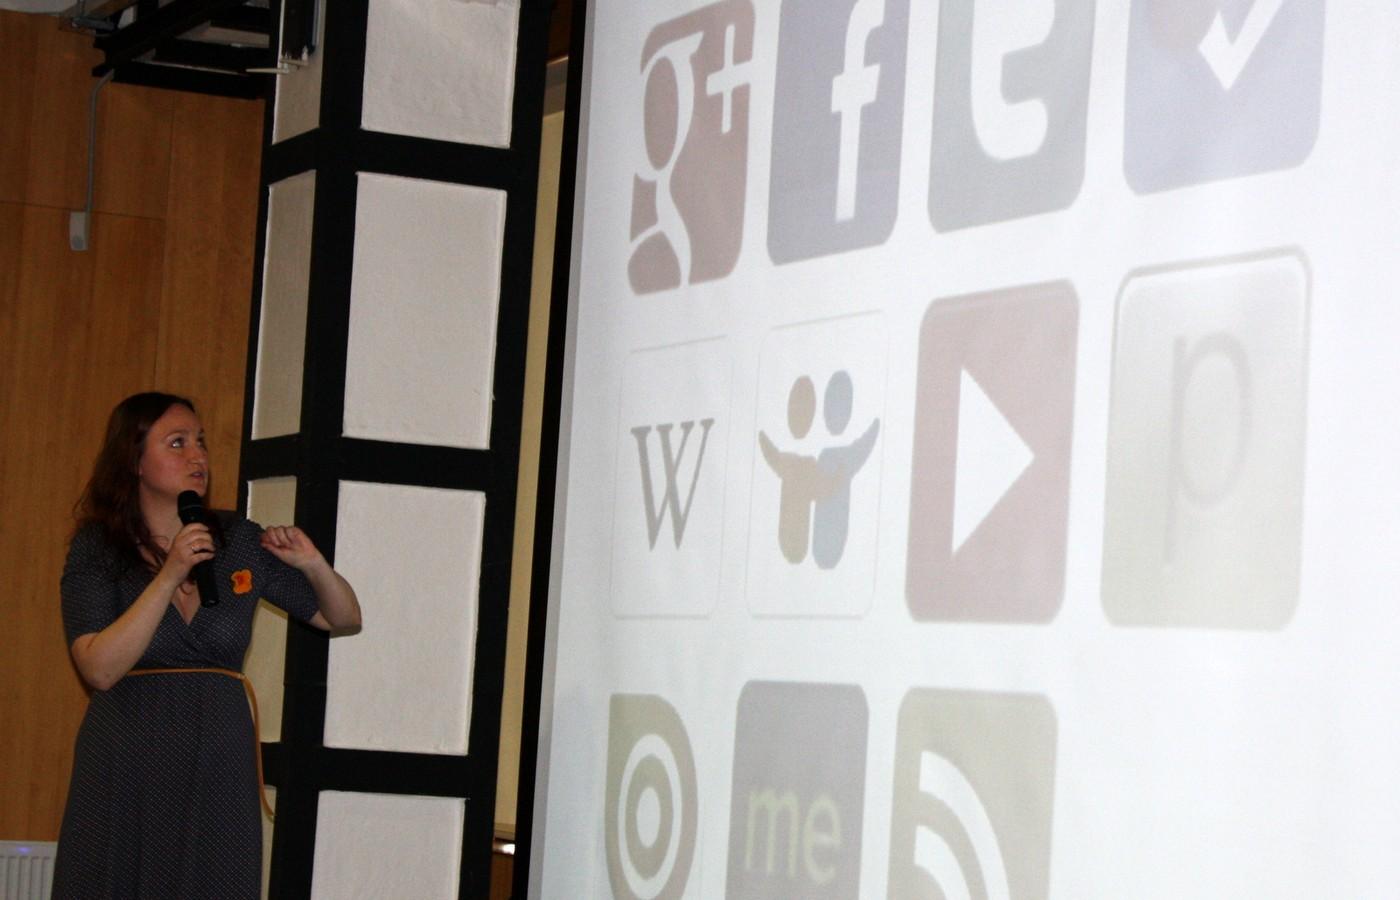 Mgr. Kateřina Kapounová (Městská knihovna Ústí nad Orlicí) seznamuje posluchače s množstvím aplikací, které knihovna využívá ke komunikaci se čtenáři